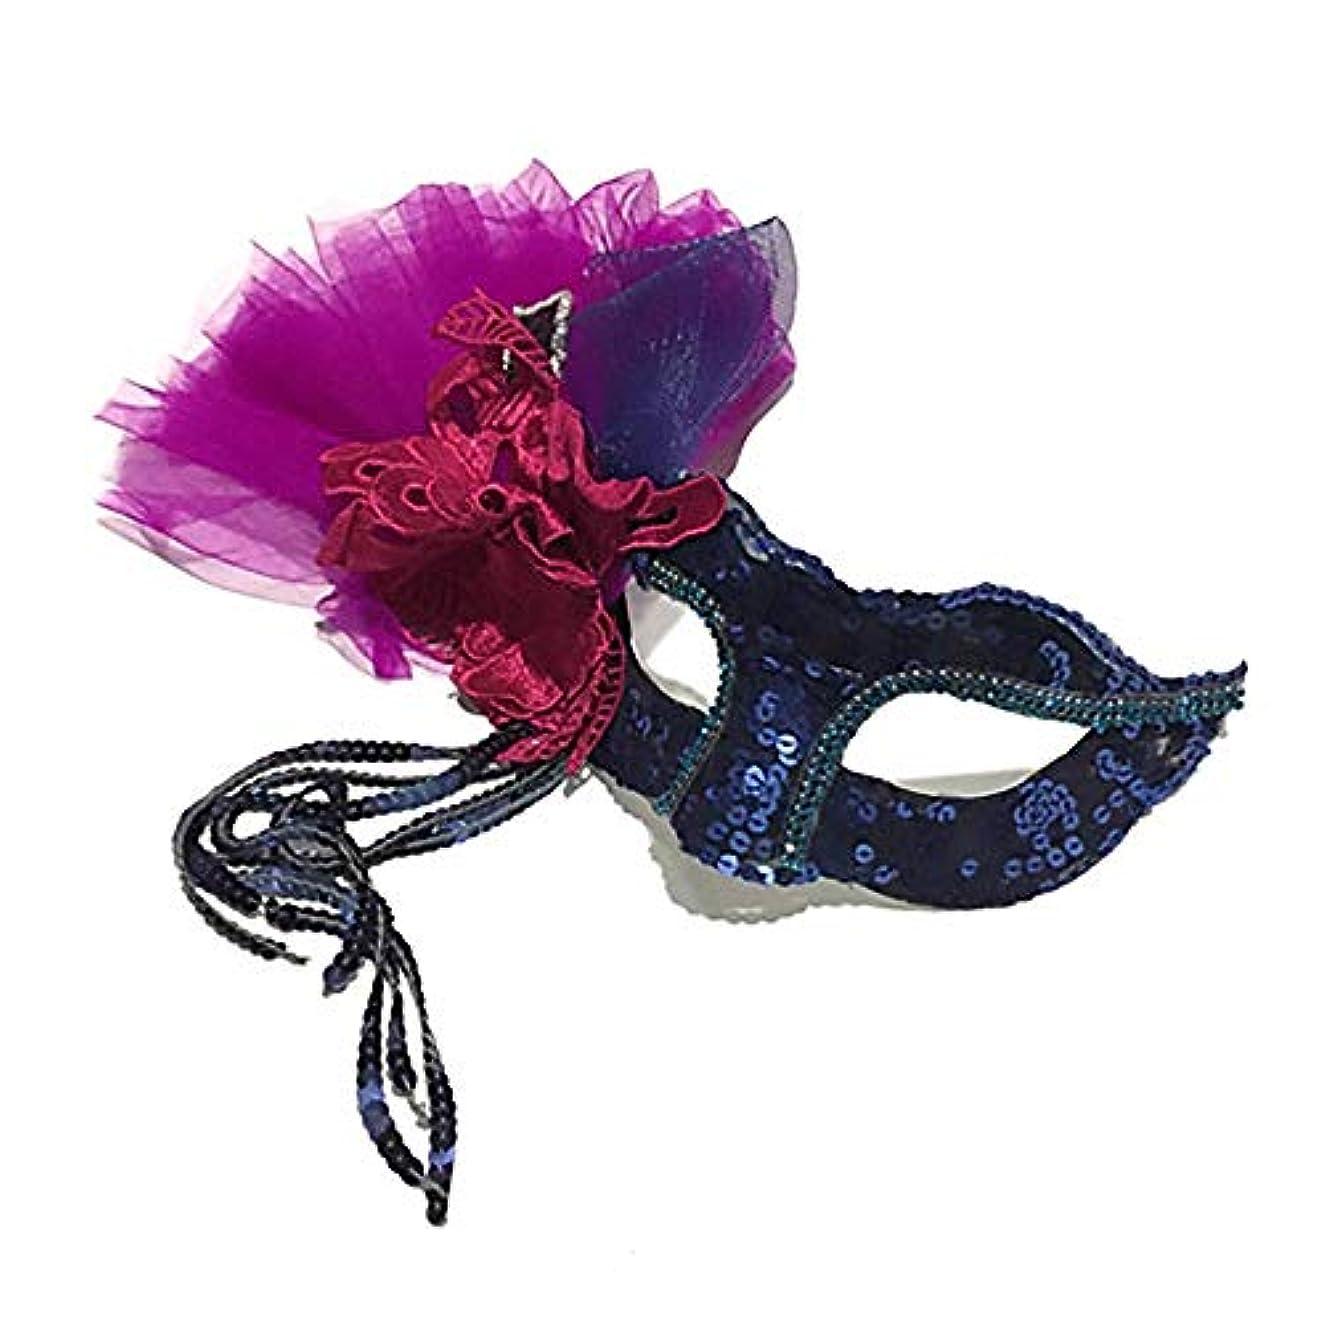 論争適性壮大Nanle 美容プリンセスファッションマスクゴールデンレースステージハロウィンボールフリンジフェザーマスクパーティーマスク (色 : Style A)